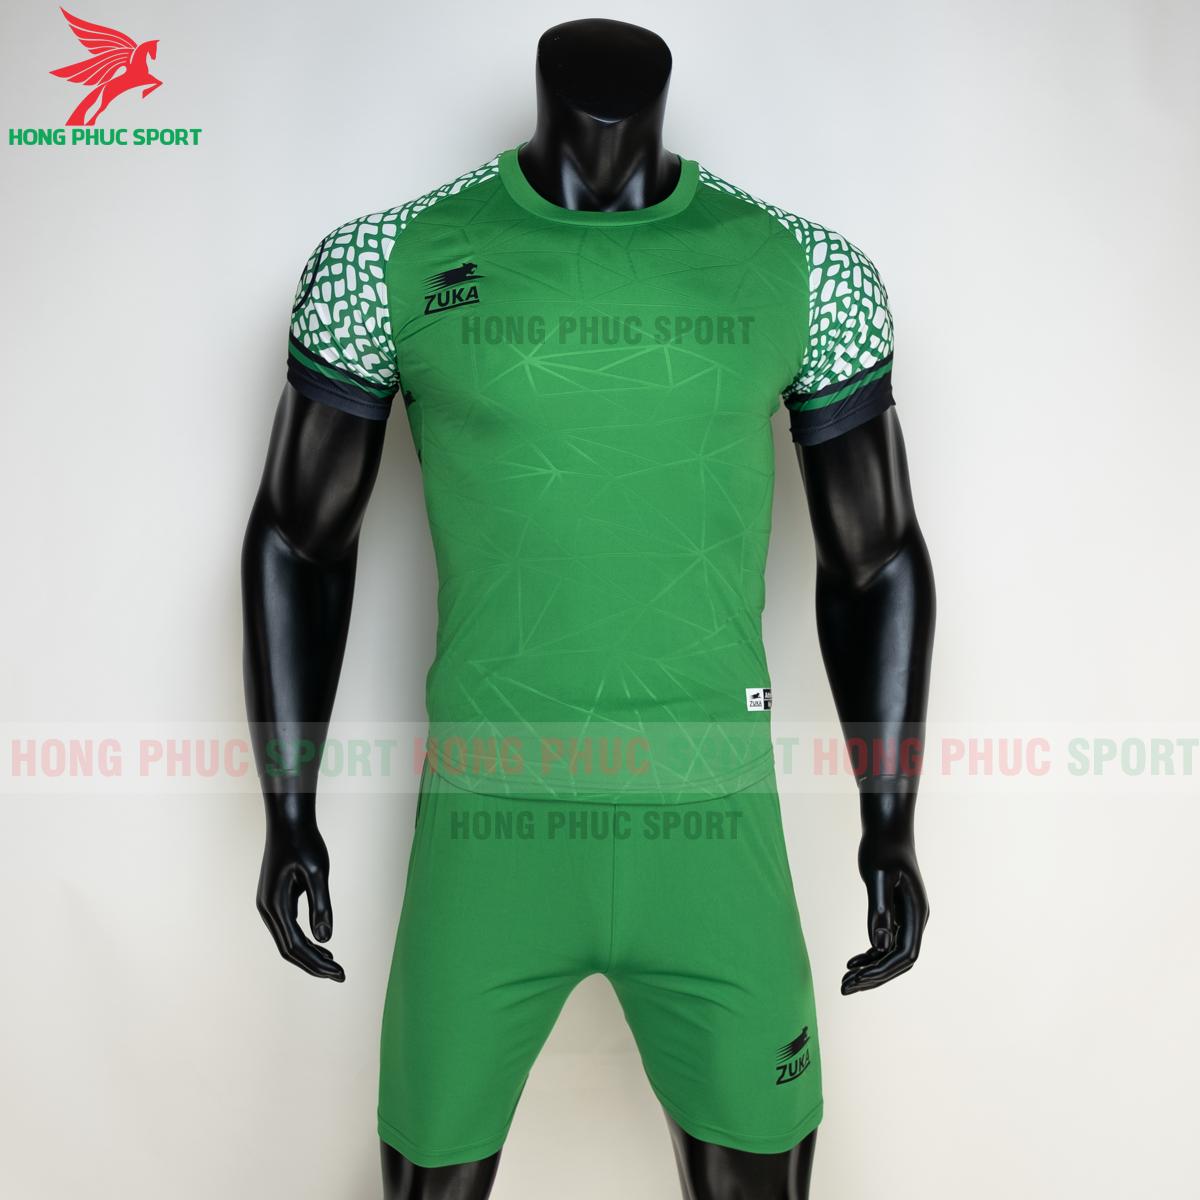 Áo đá banh không logo ZUKA 022021 màu Xanh lá (trước)